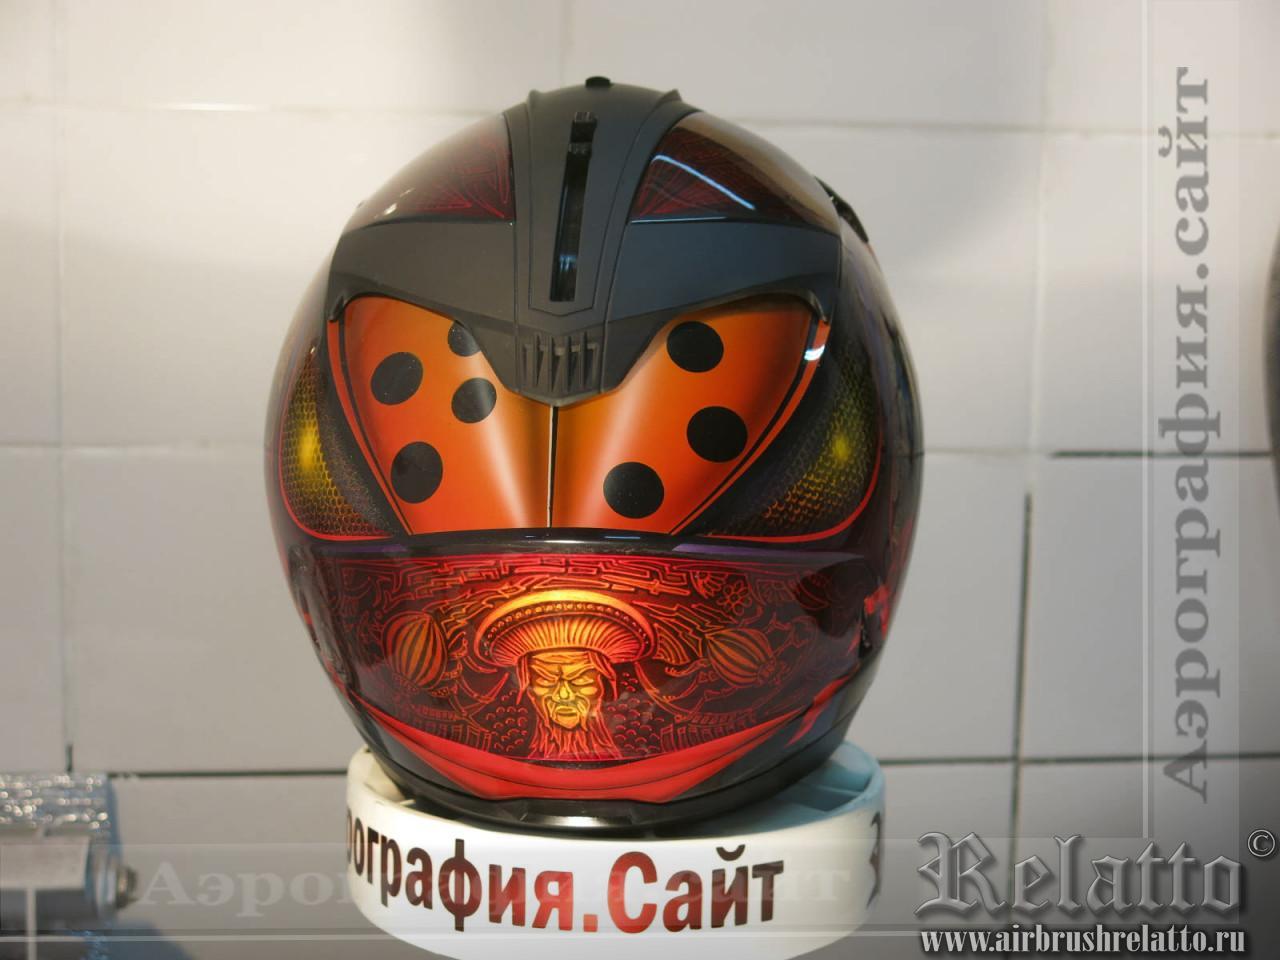 шлем аэрография в Краснодаре